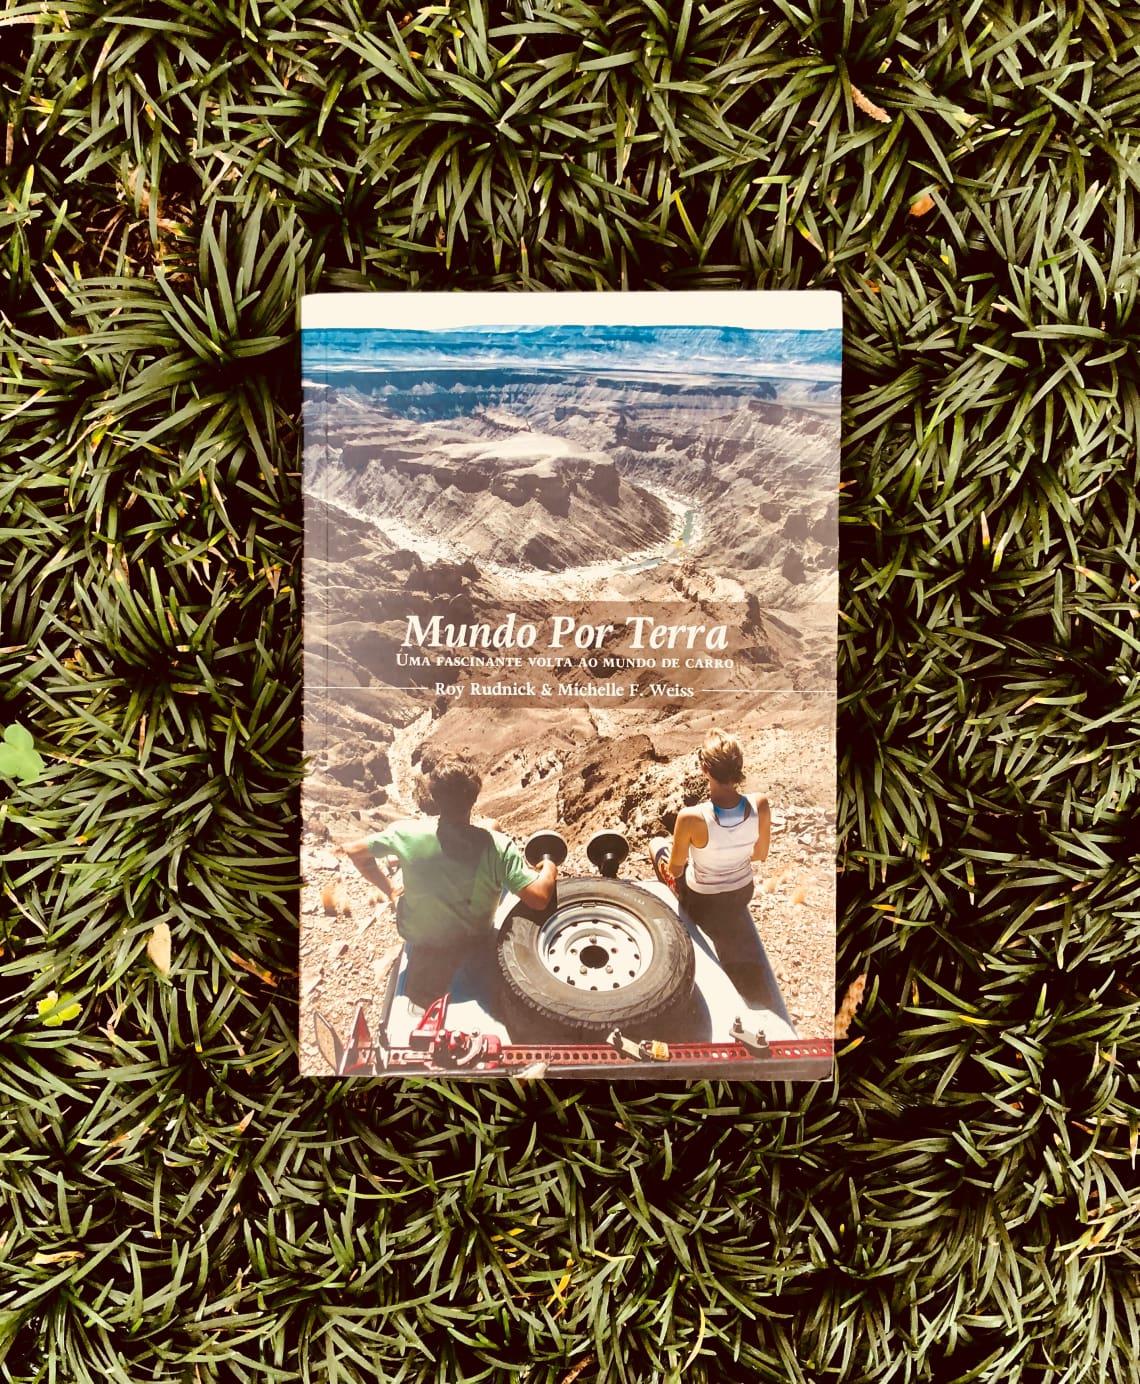 livro Mundo por terra